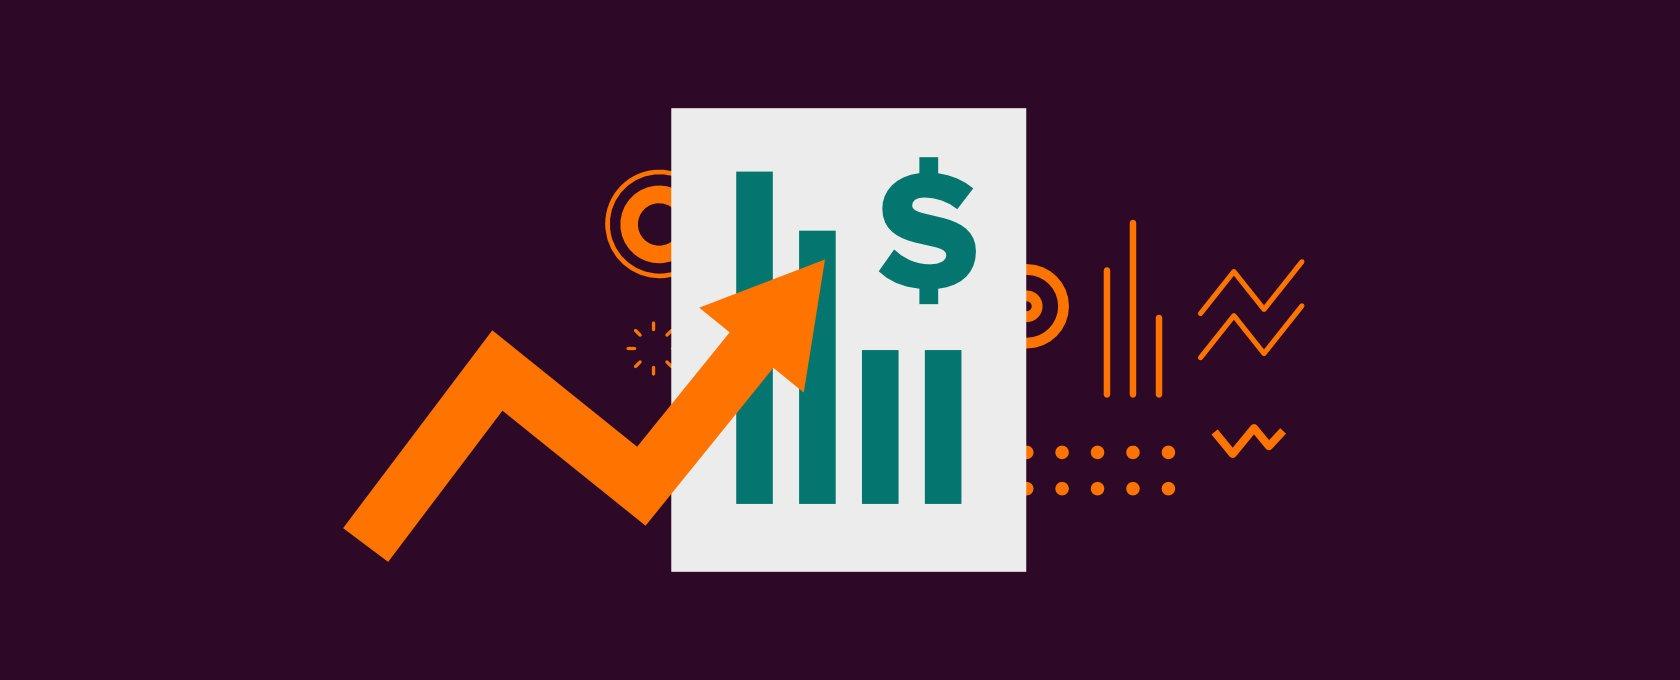 IT Cost Optimization Strategies